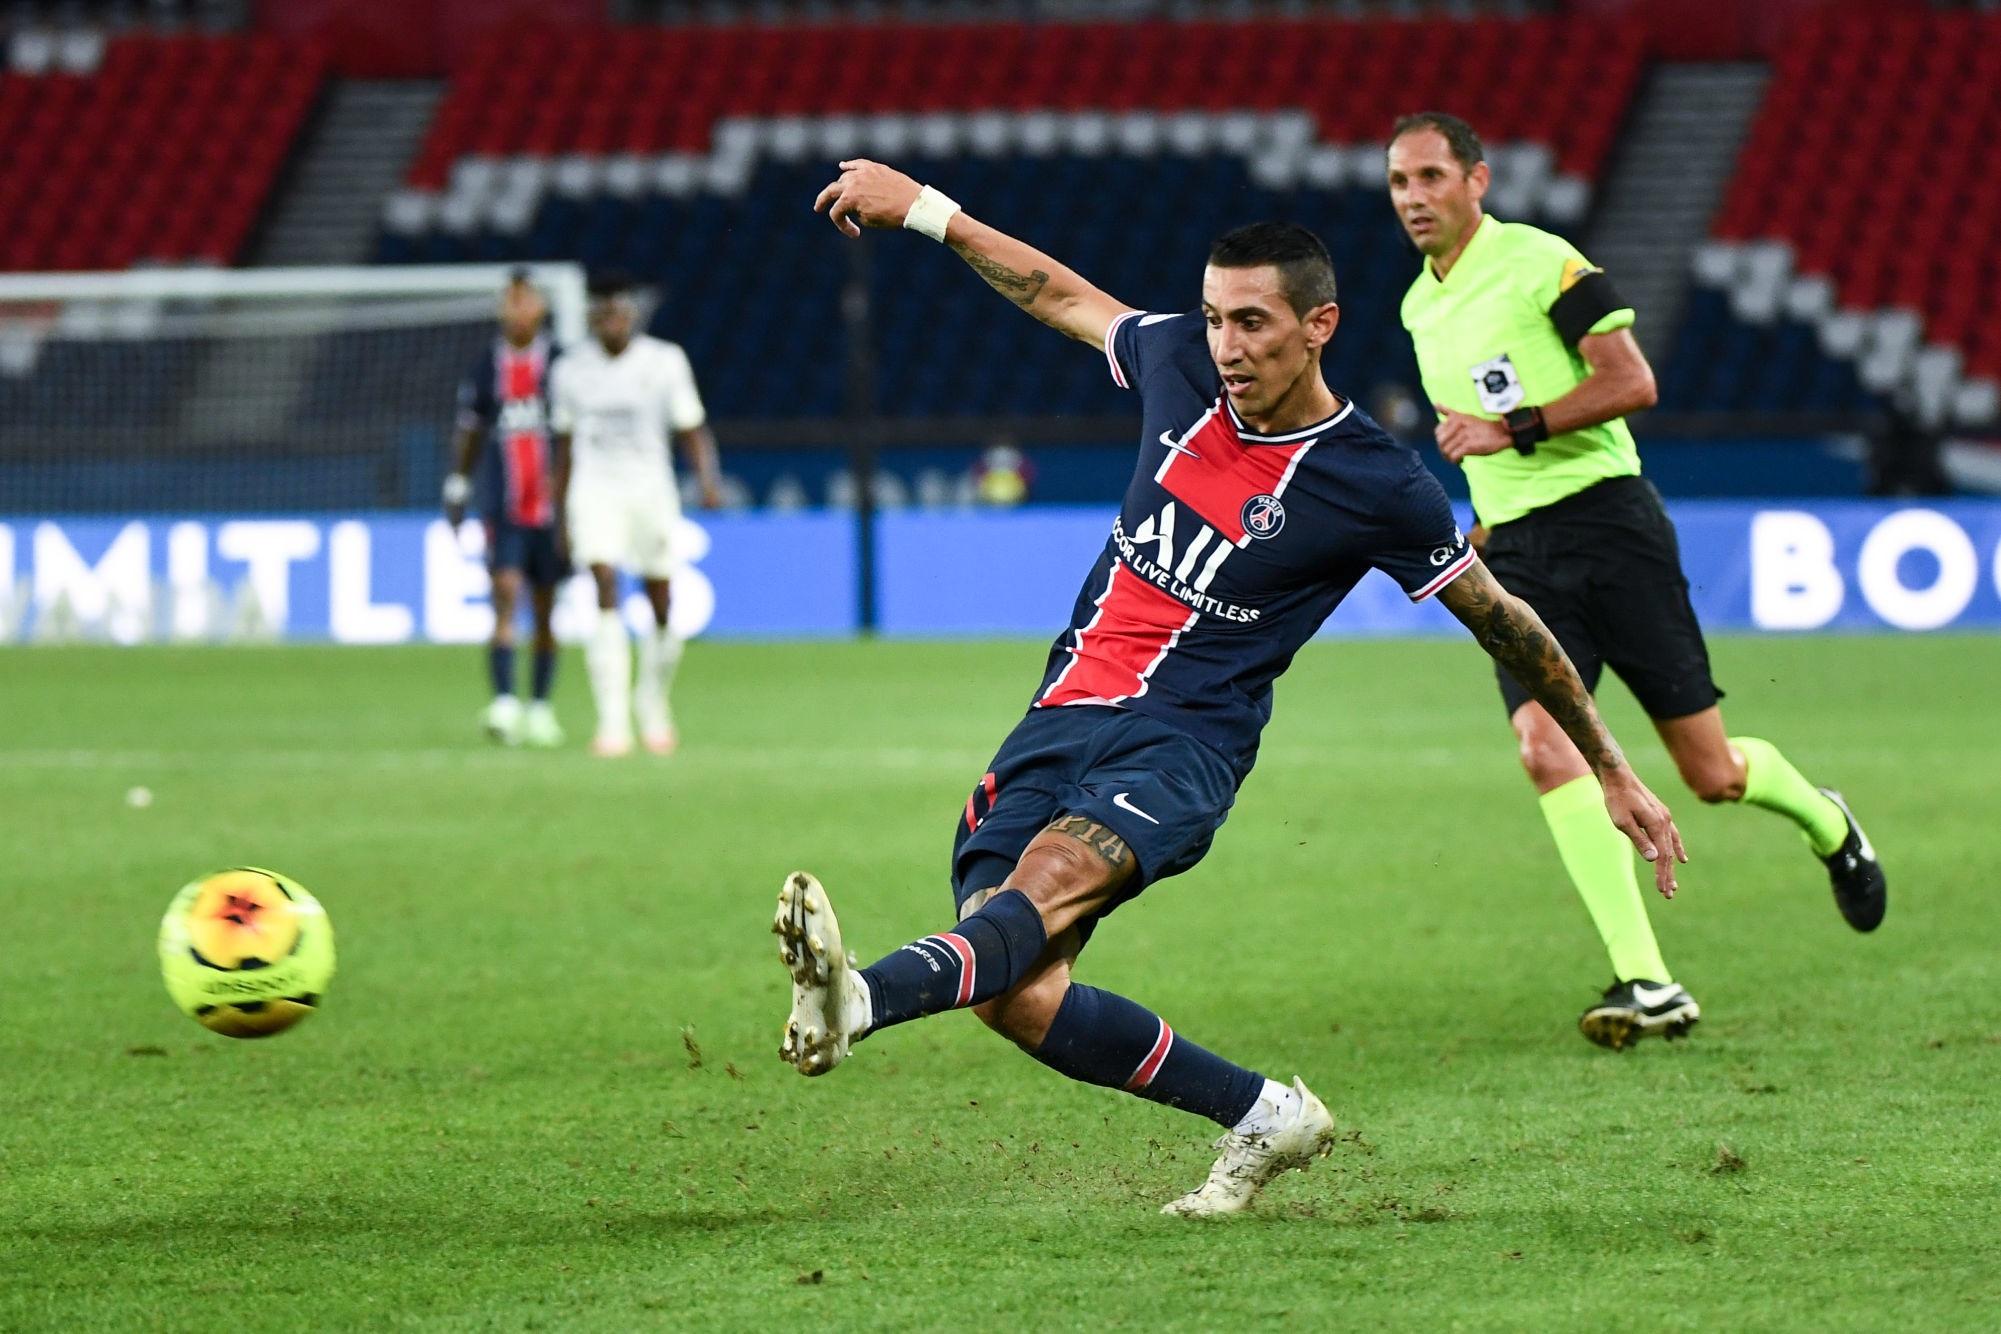 PSG/Metz- Di Maria élu meilleur joueur côté parisien par les supporters